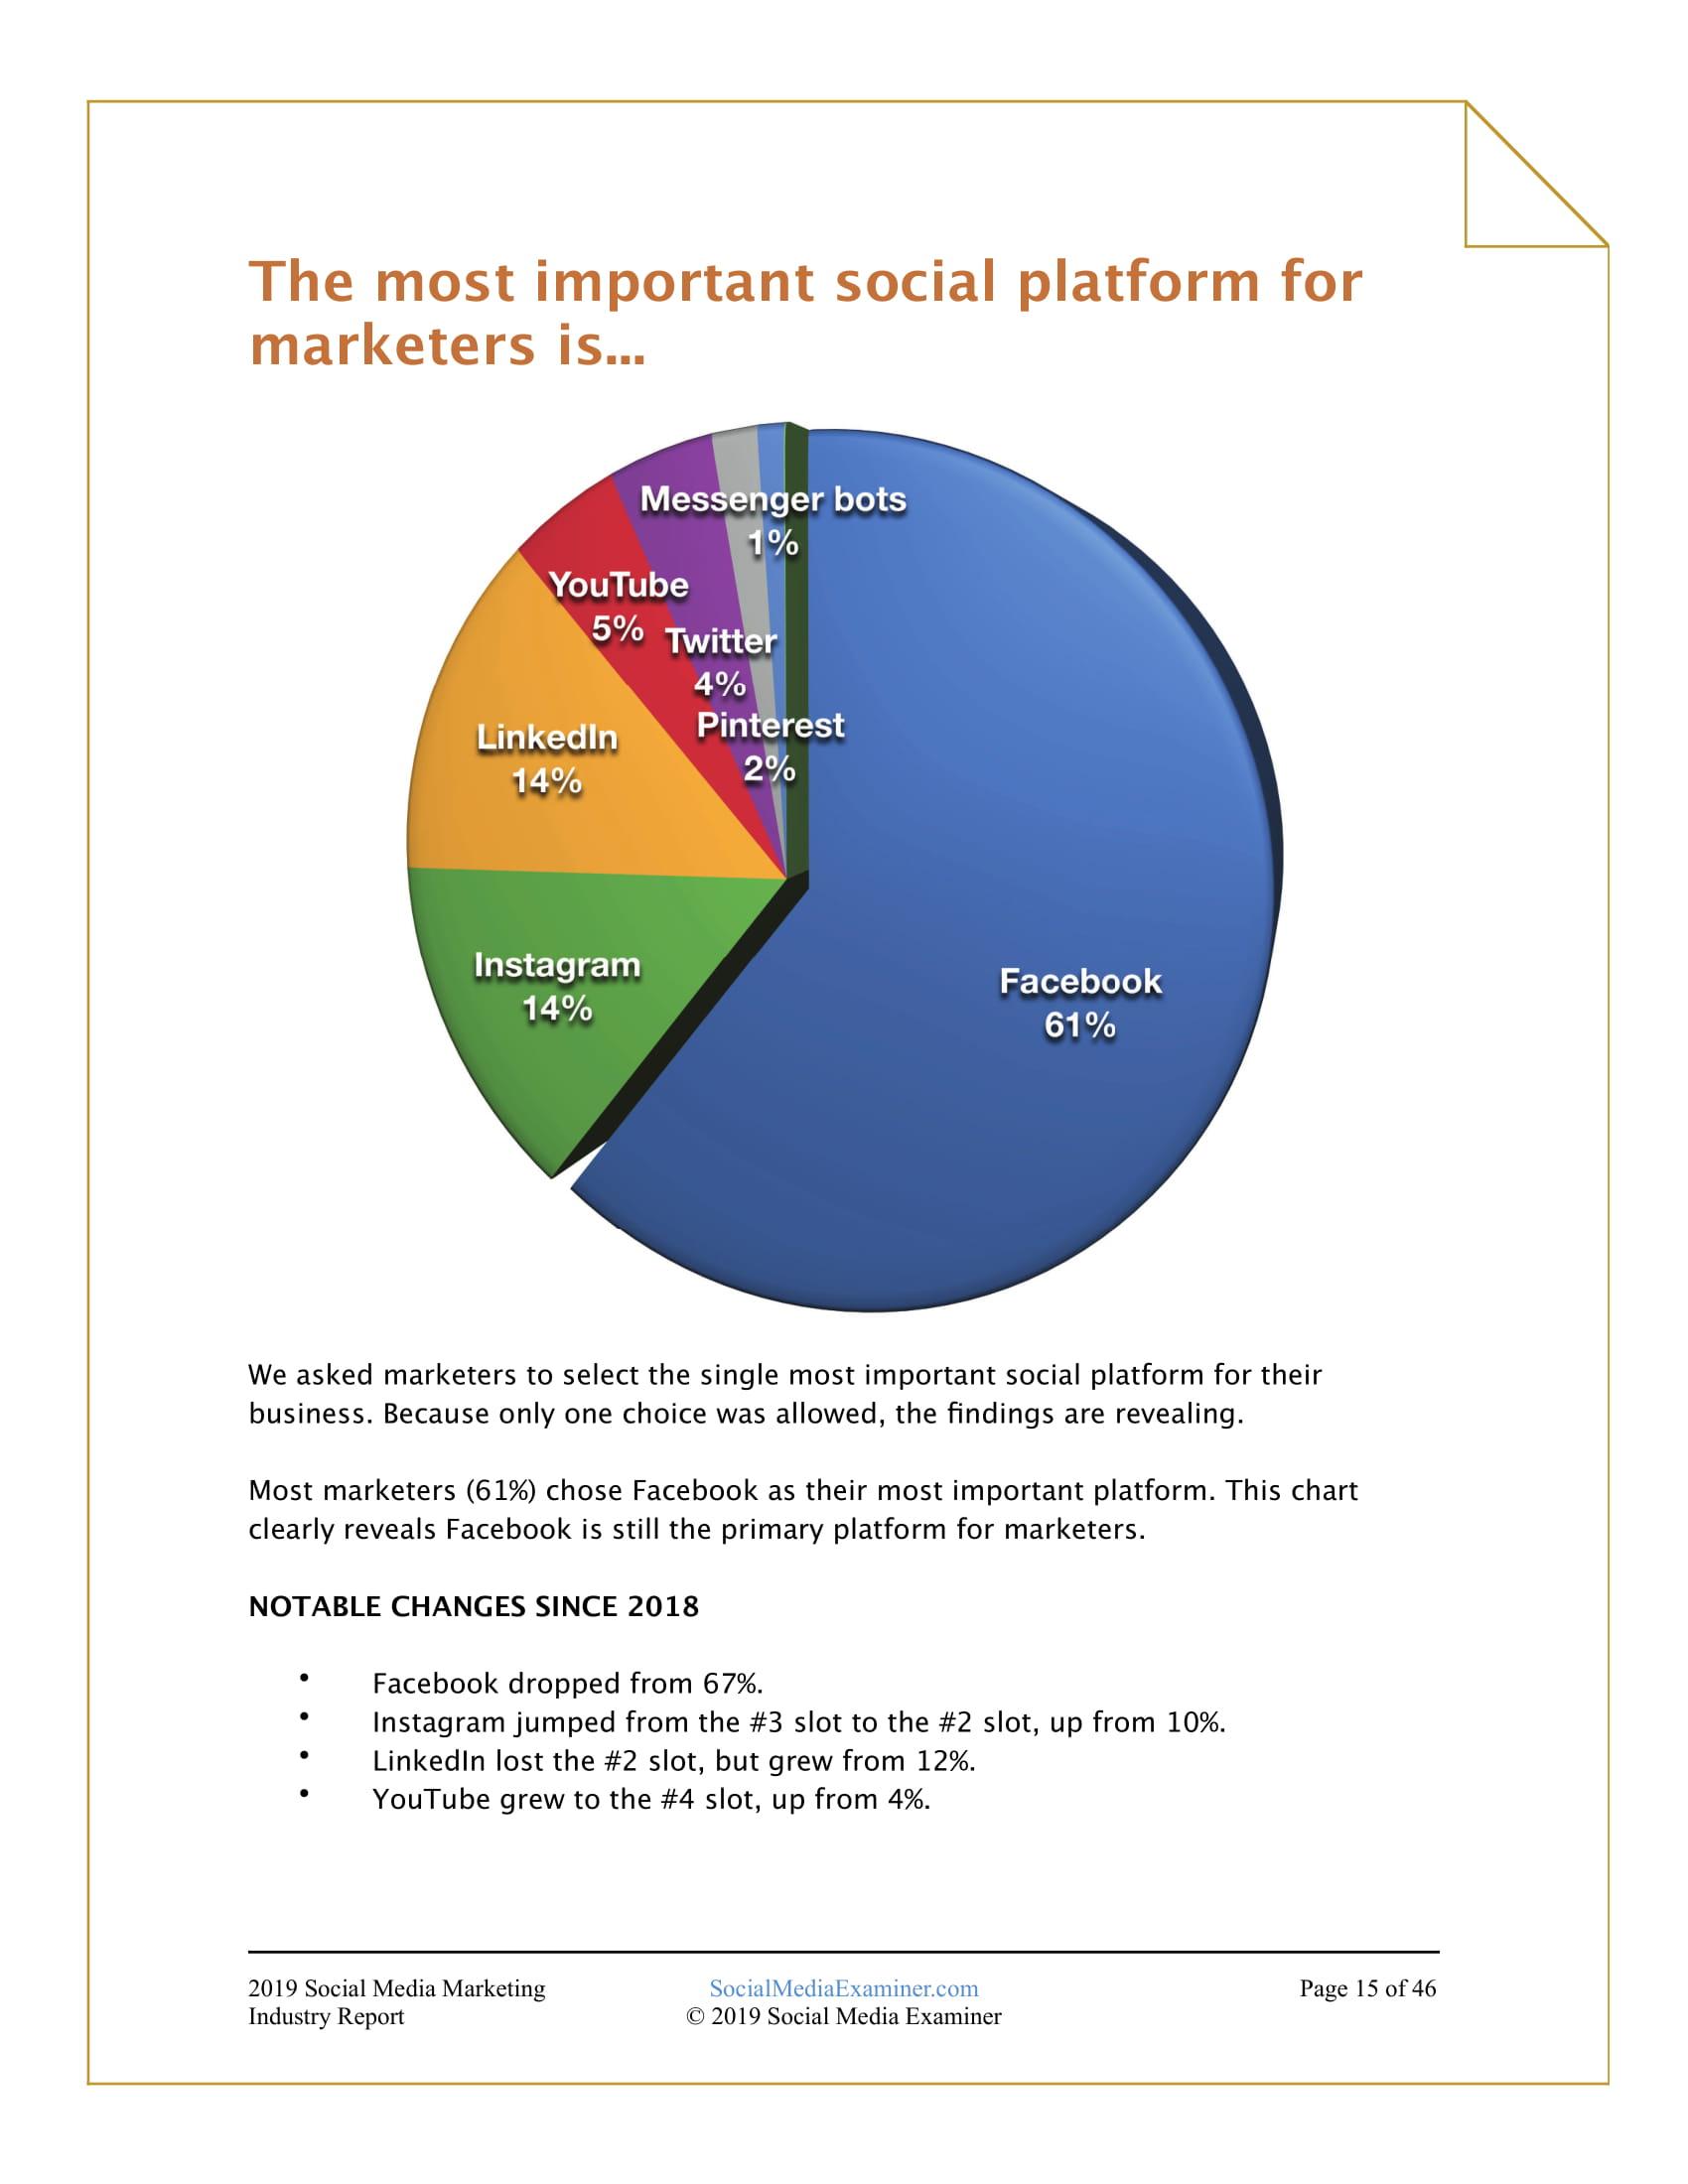 SME:2019年社交媒体营销行业报告-CNMOAD 中文移动营销资讯 16